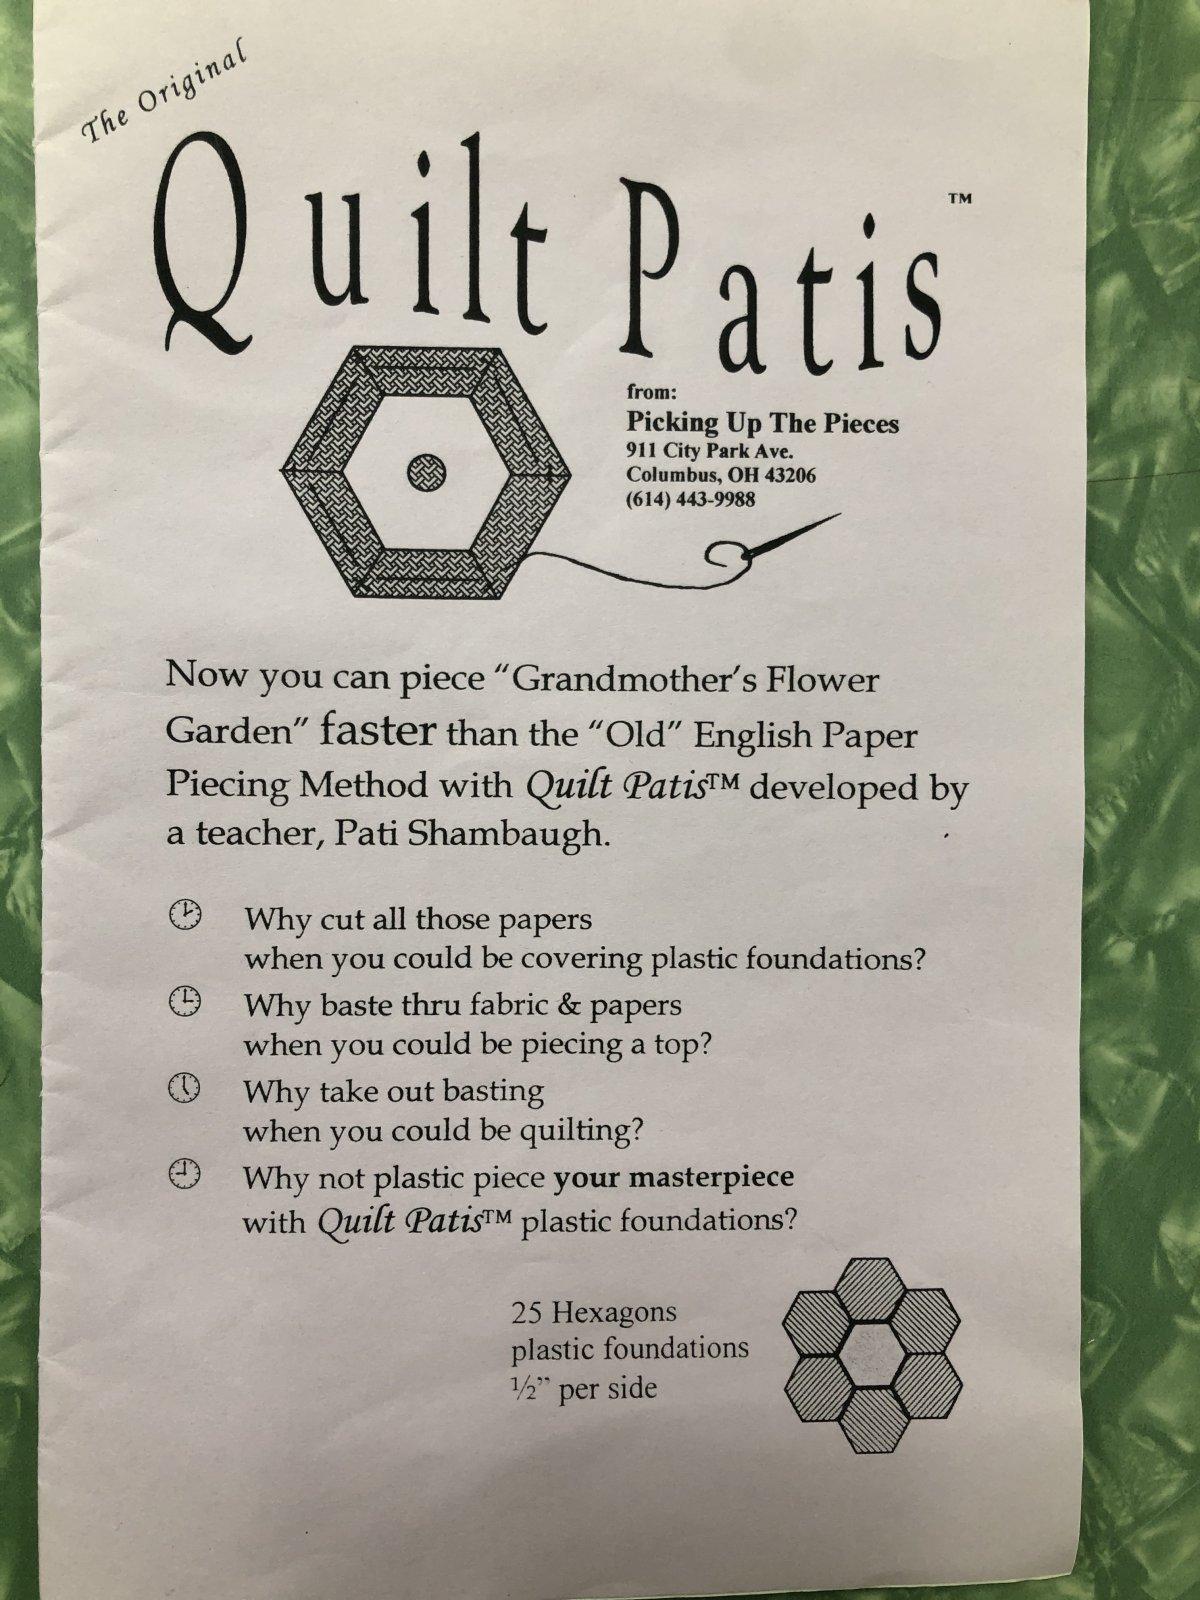 Quilt Patis 1/2 per side 25 Hexagons